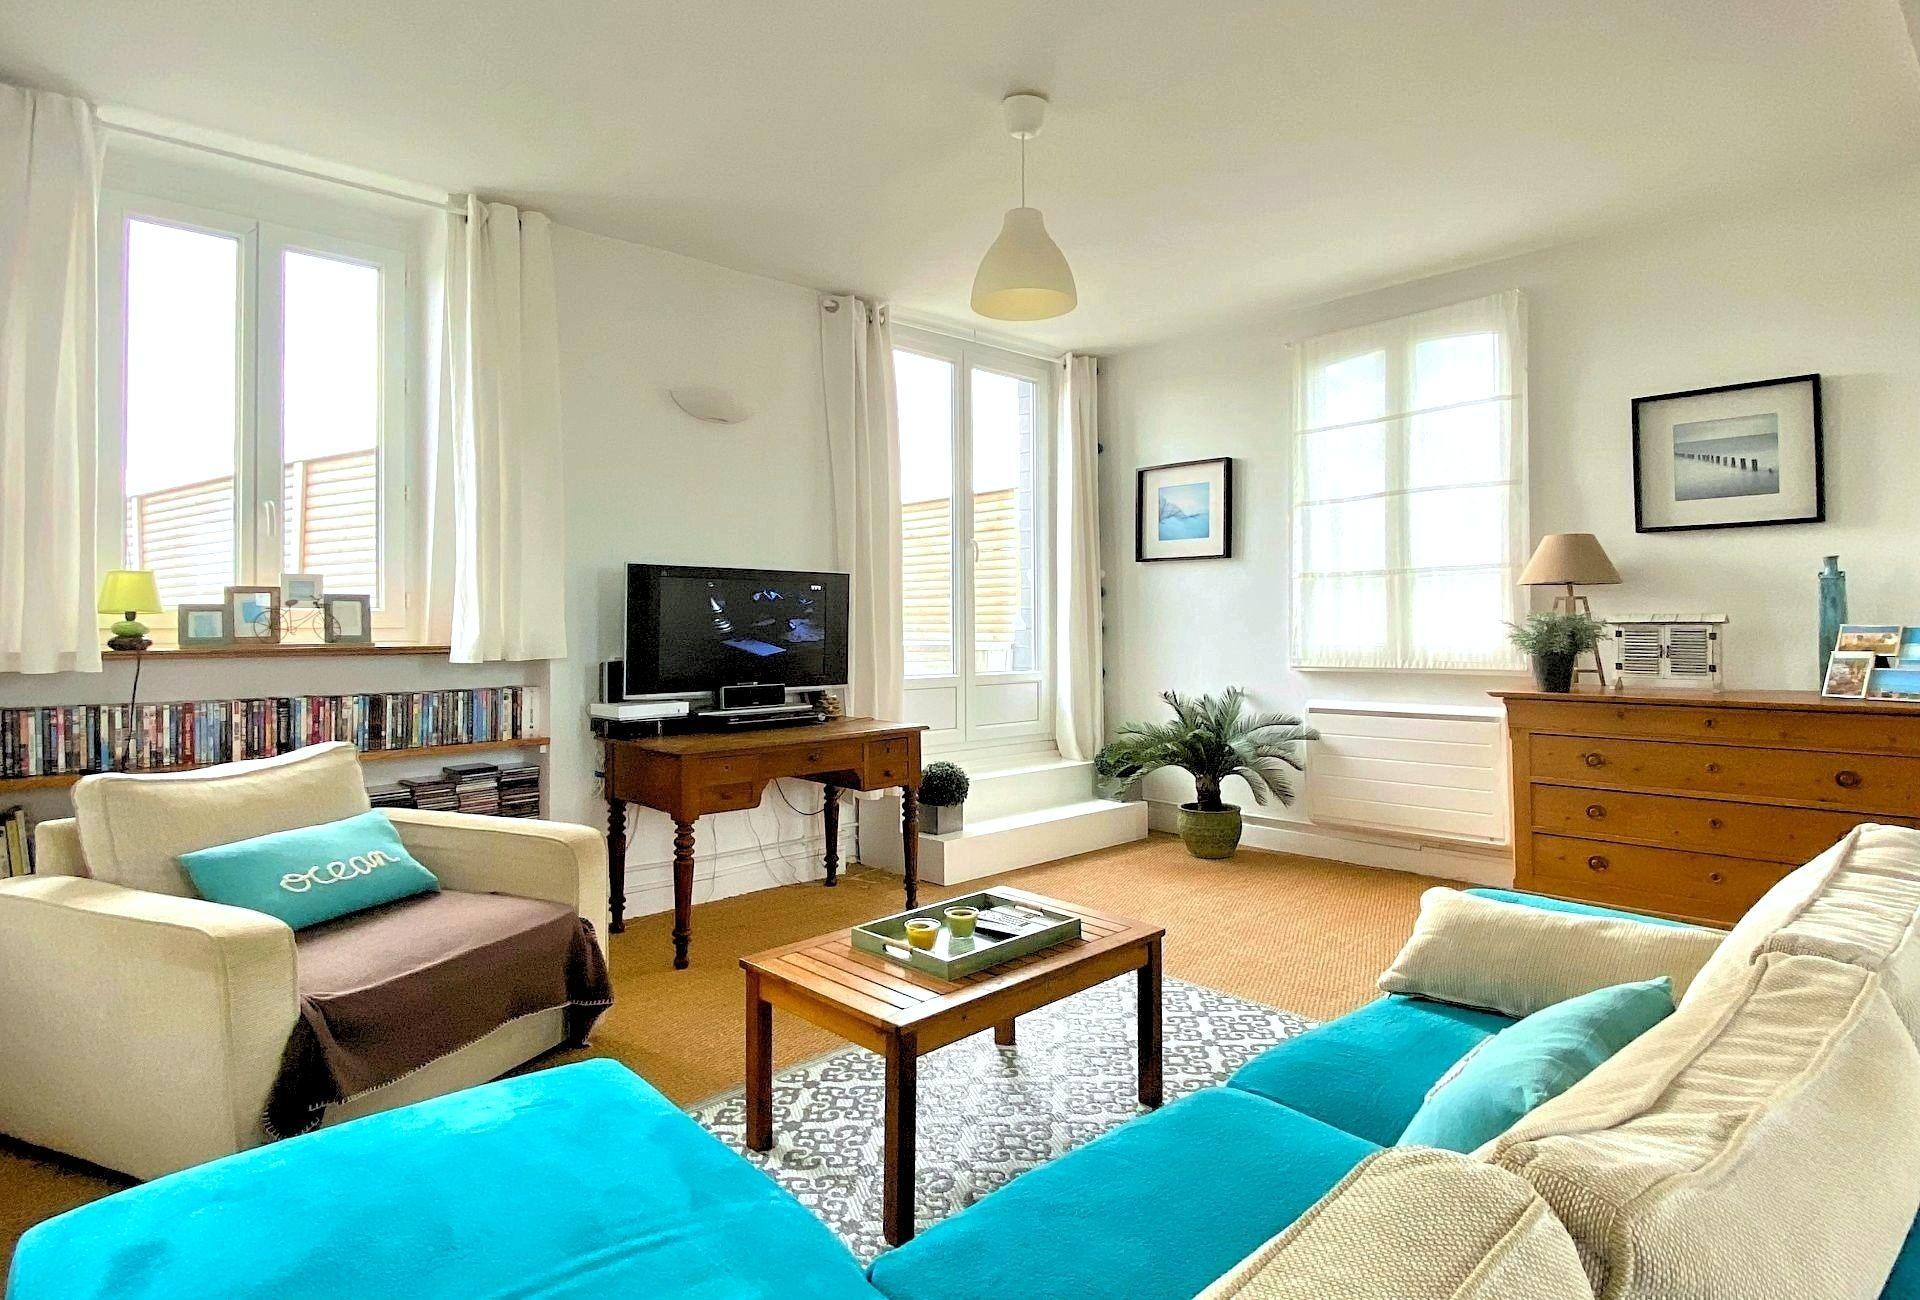 5-salon-appartement-a-vendre-la-clef-des-villes-agence-immobiliere-villers-sur-mer